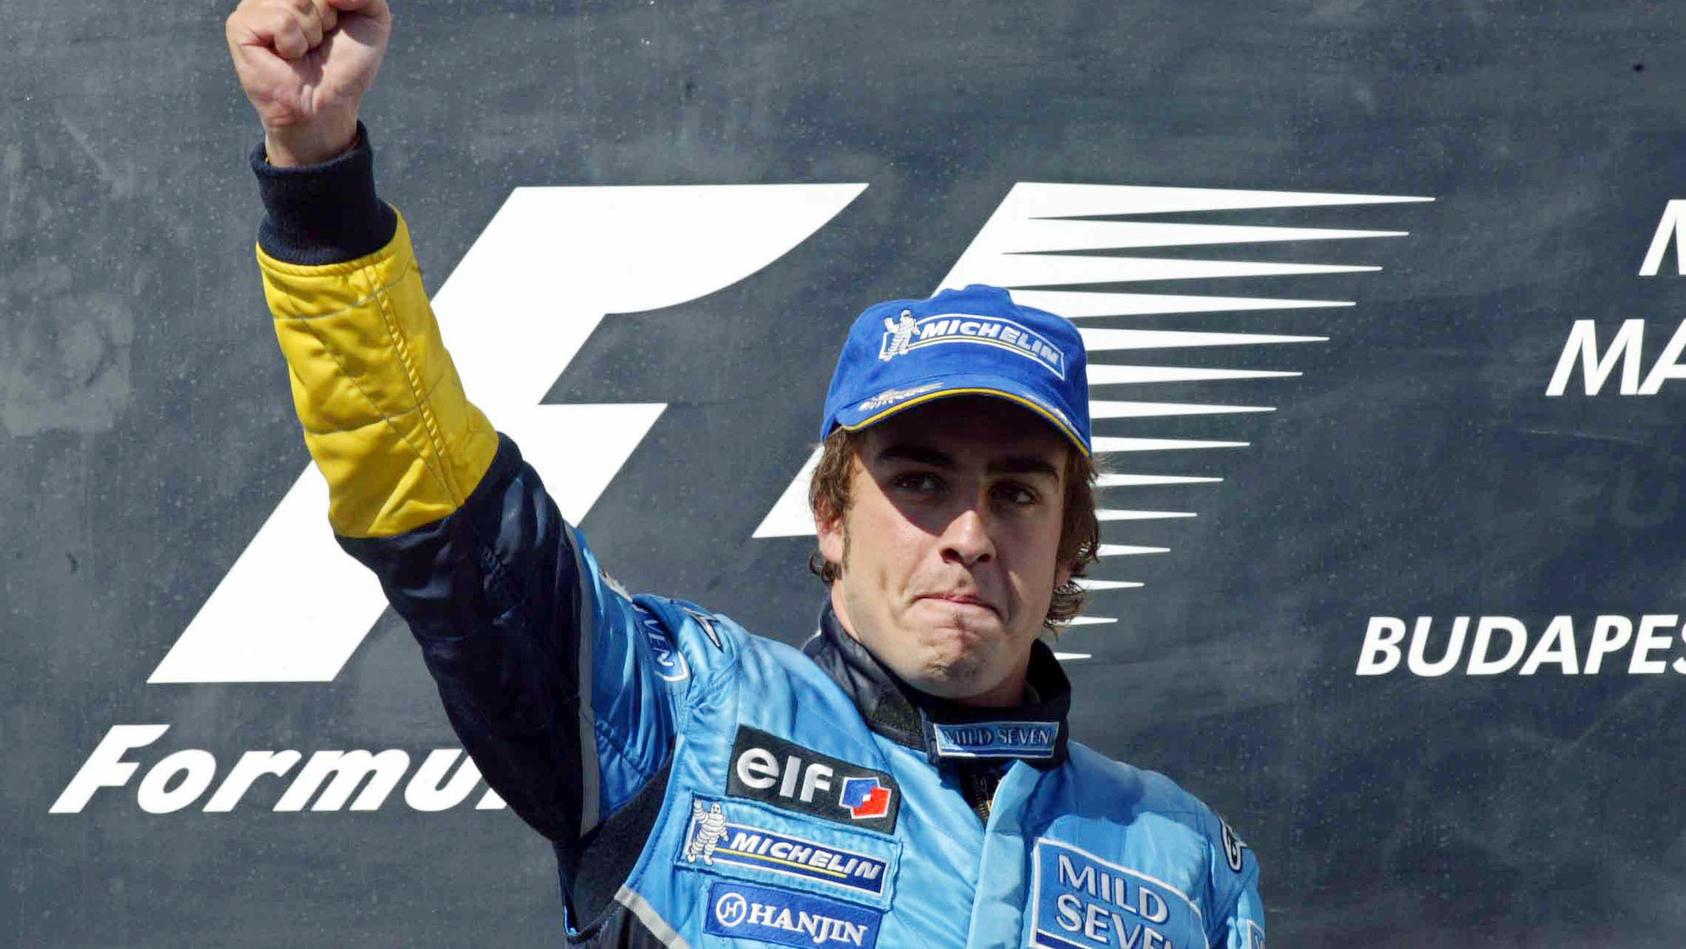 In Budapest feierte Fernando Alonso 2003 seinen ersten GP-Sieg - mit 22 Jahren war er damals der jüngste F1-Sieger der Geschichte.